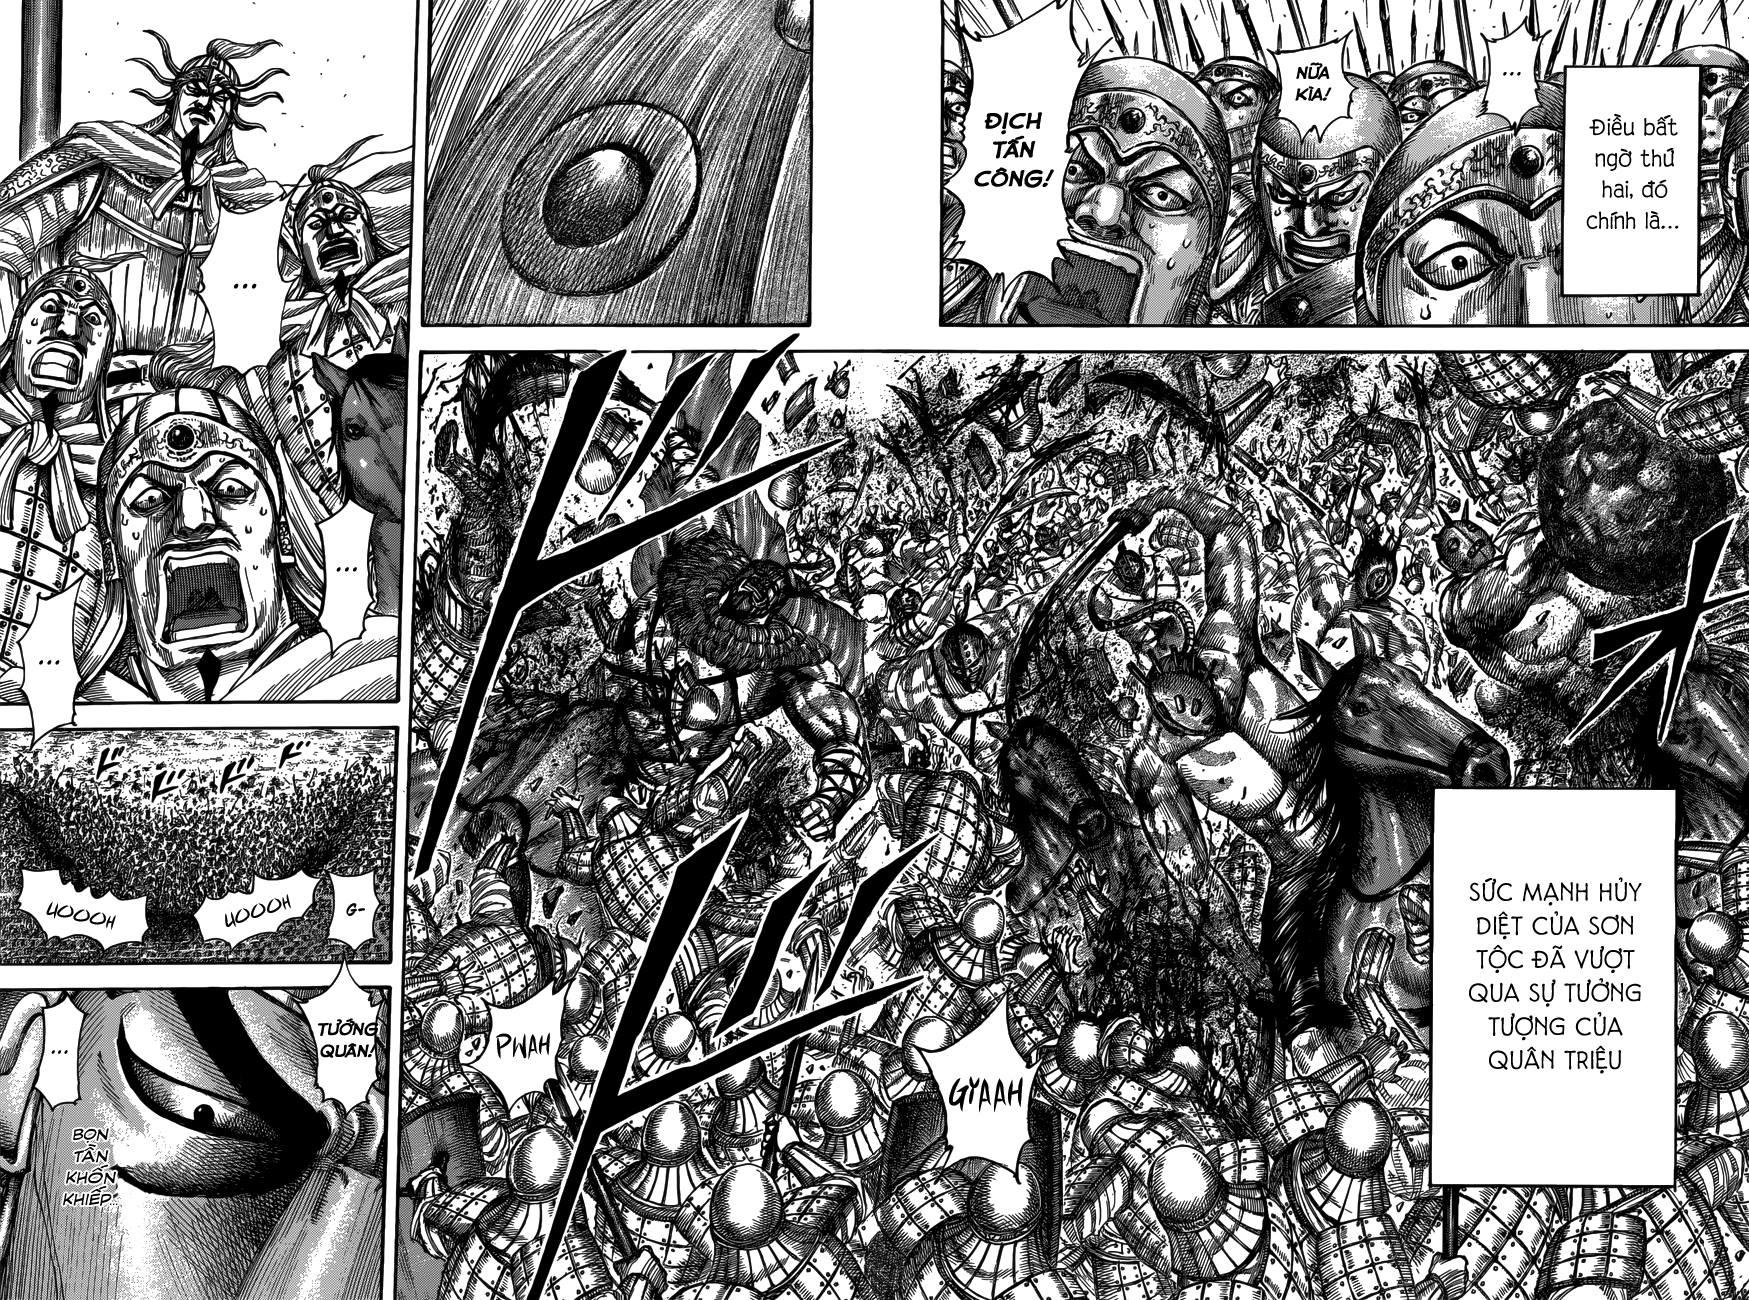 Kingdom chapter 518: chiến địa liêu dương trang 17